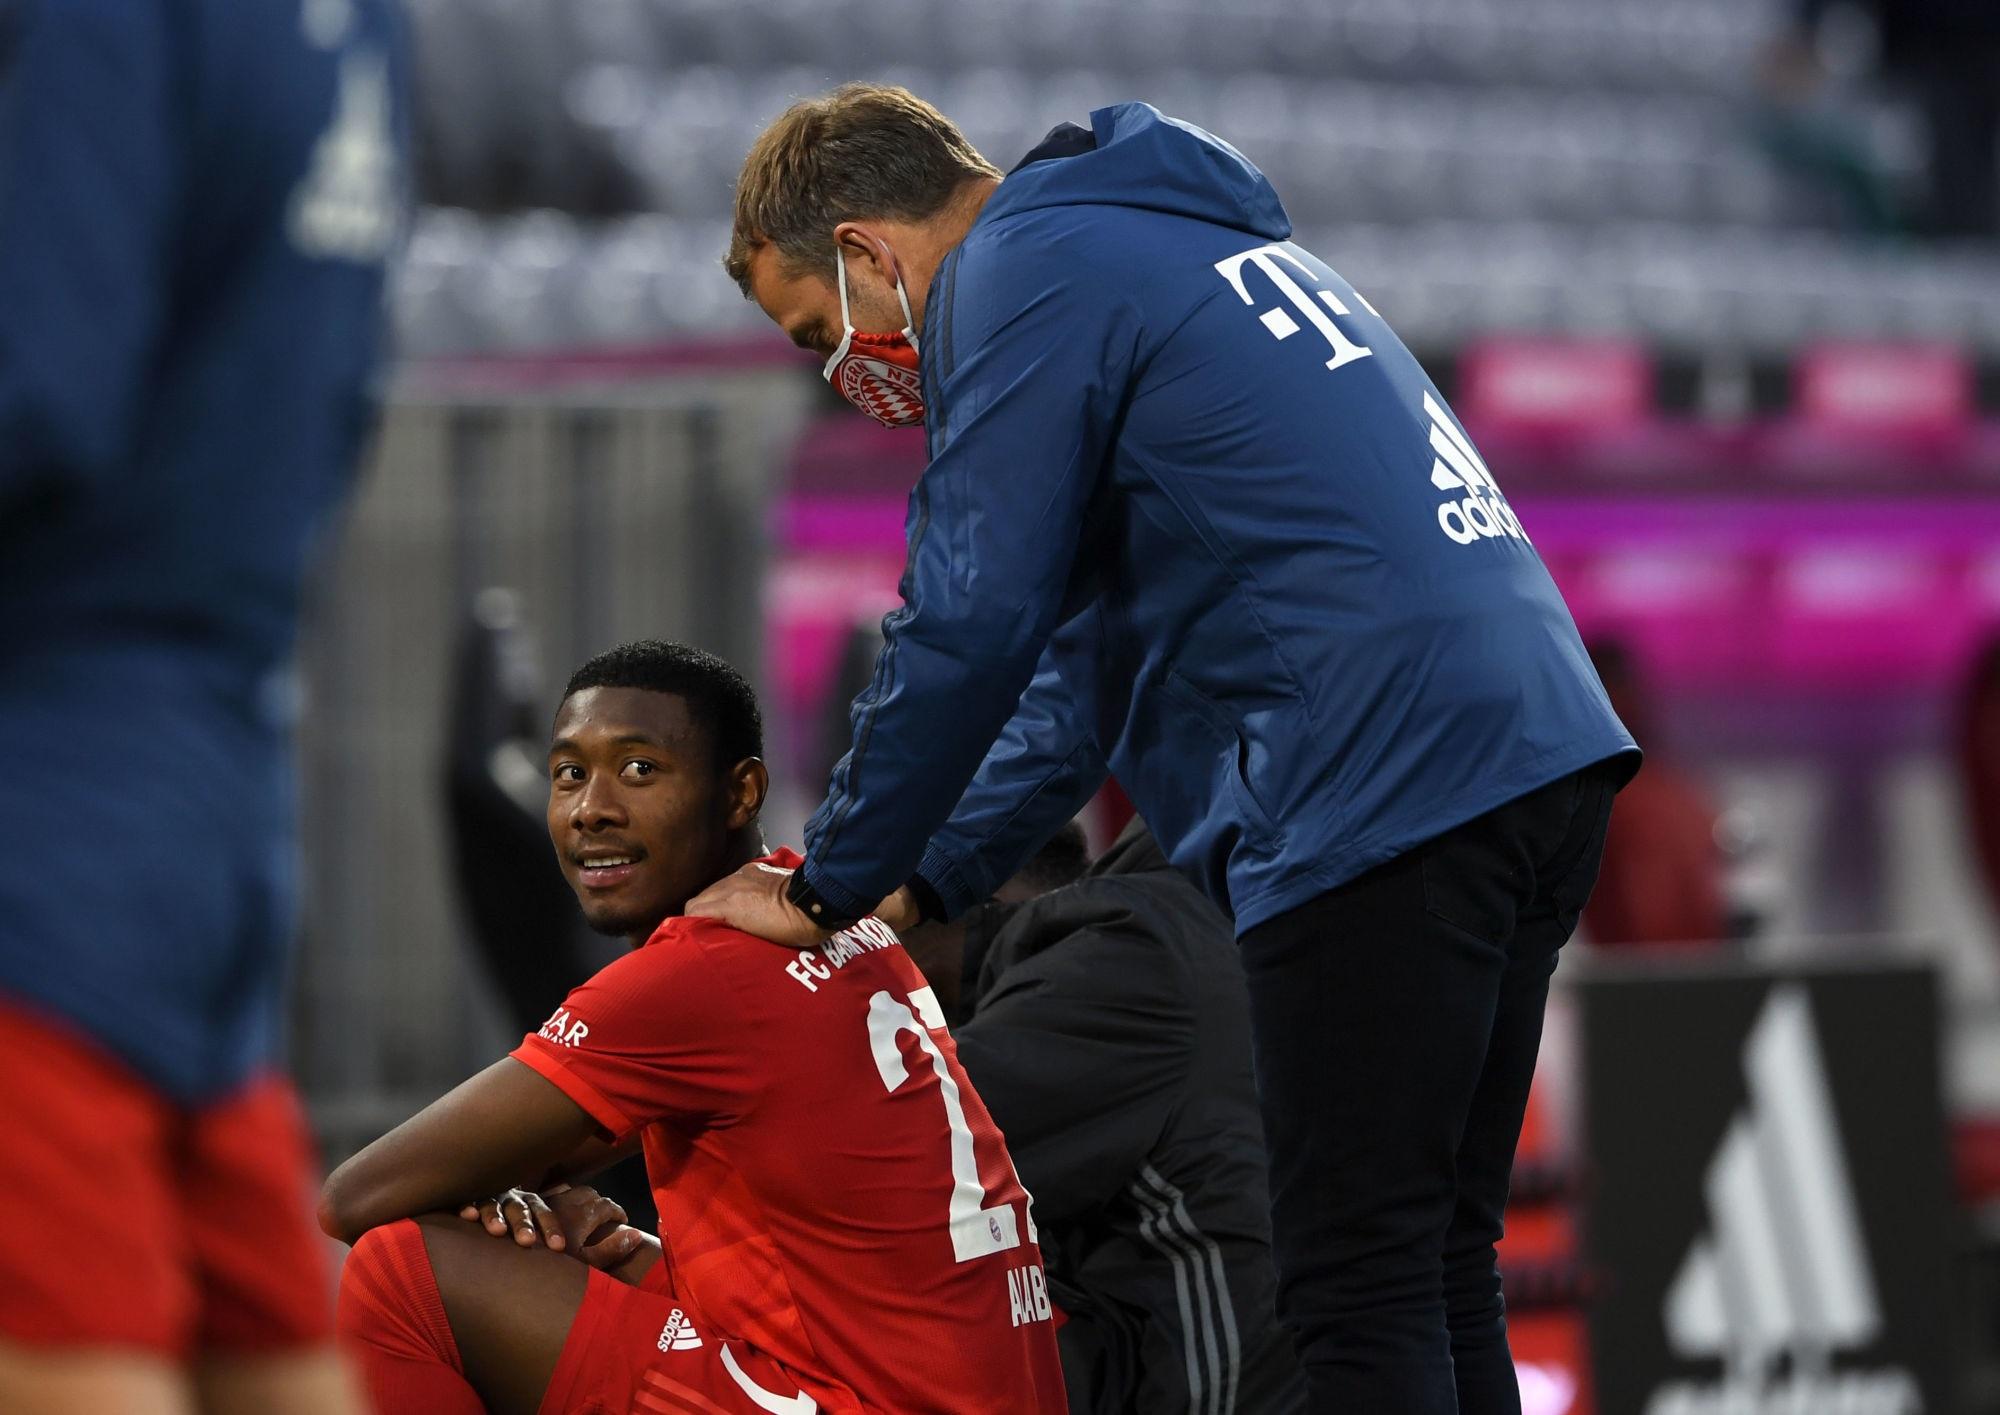 """Mercato - Flick assure que le Bayern Munich veut garder Alaba et il est """"optimiste"""""""